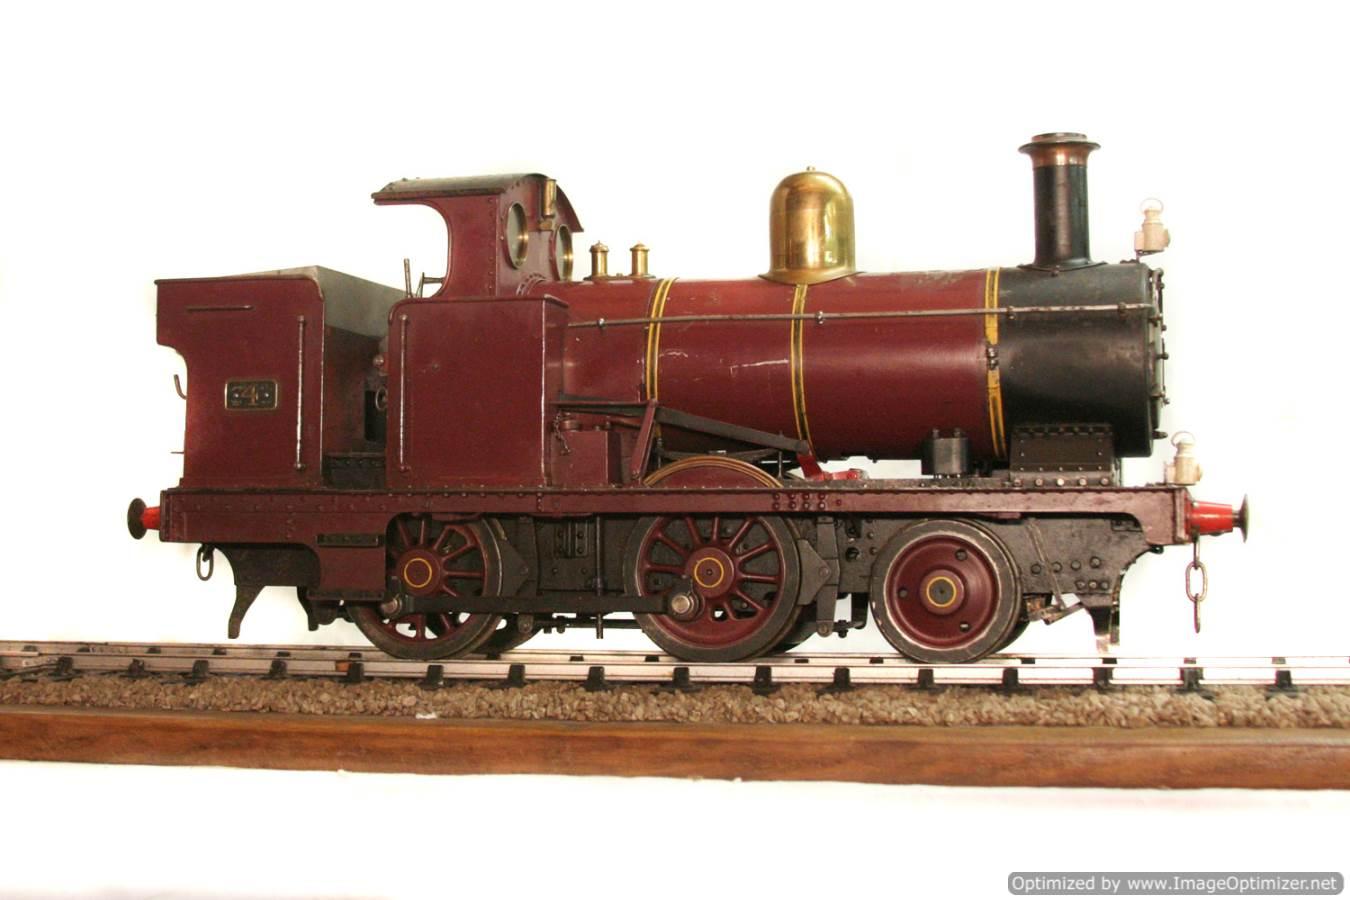 test Gem locomotive for sale 06 Optimized